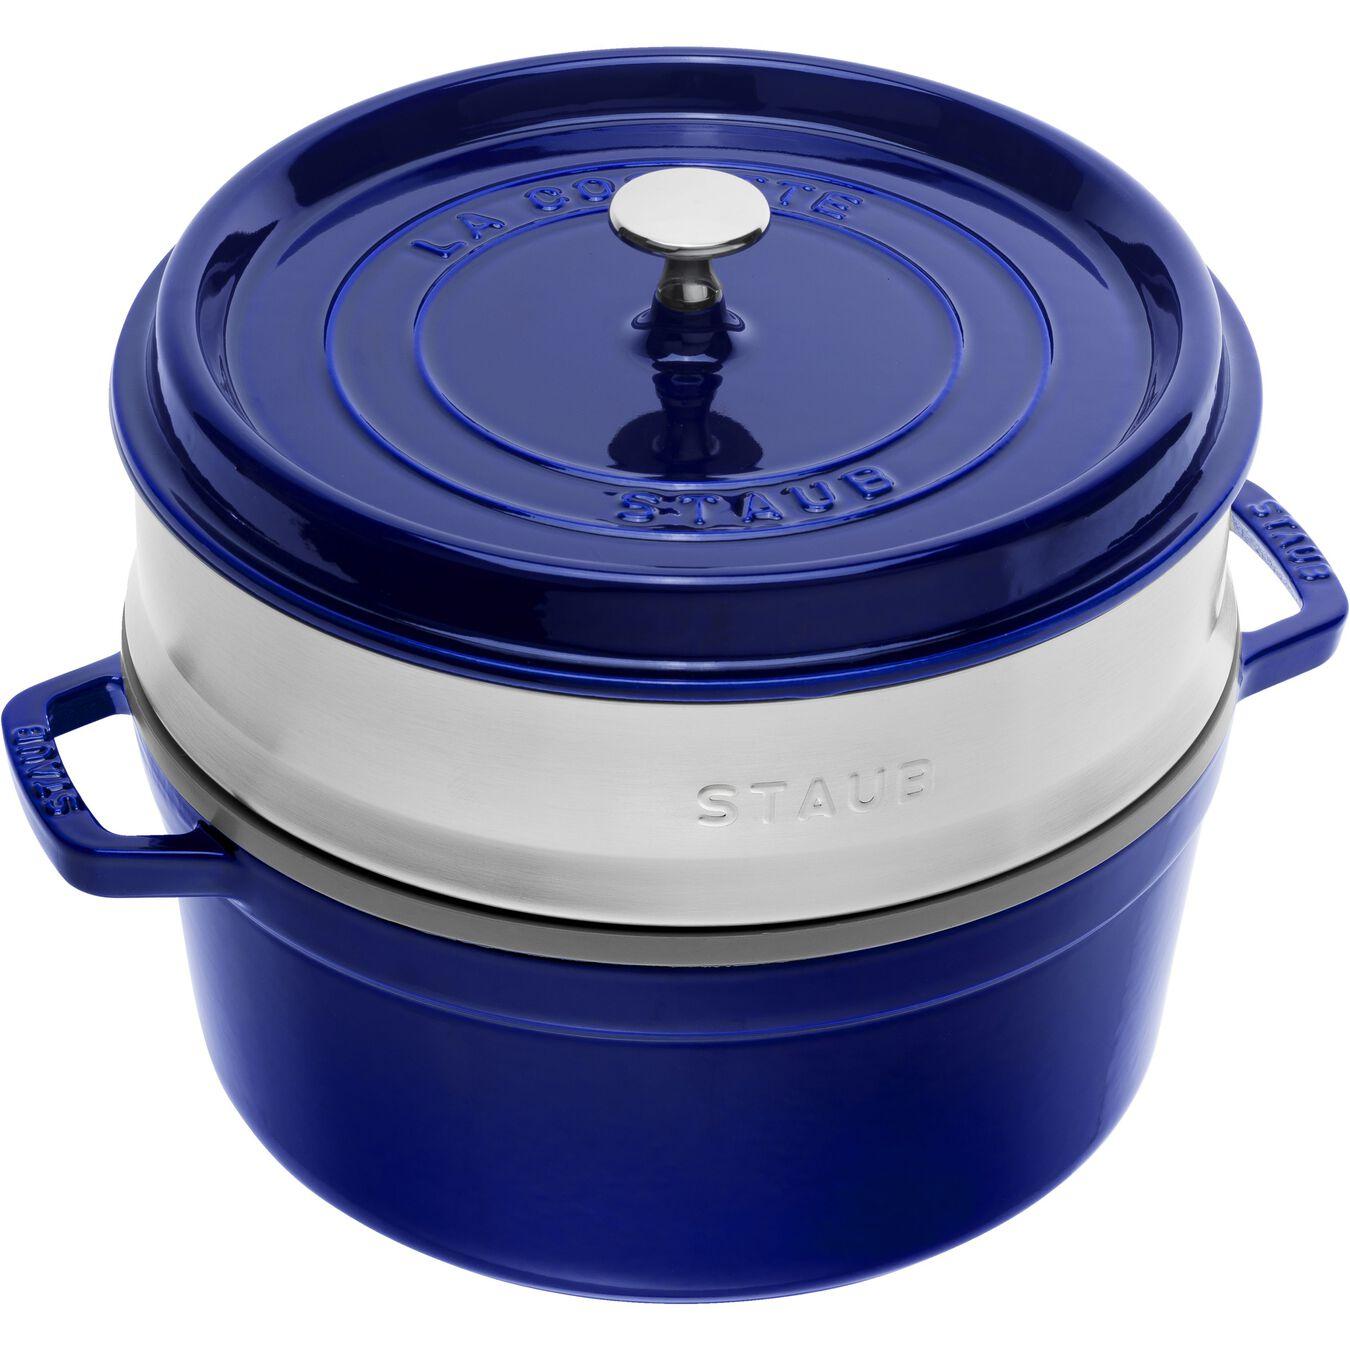 Cocotte con cestello a vapore rotonda - 26 cm, blu scuro,,large 1